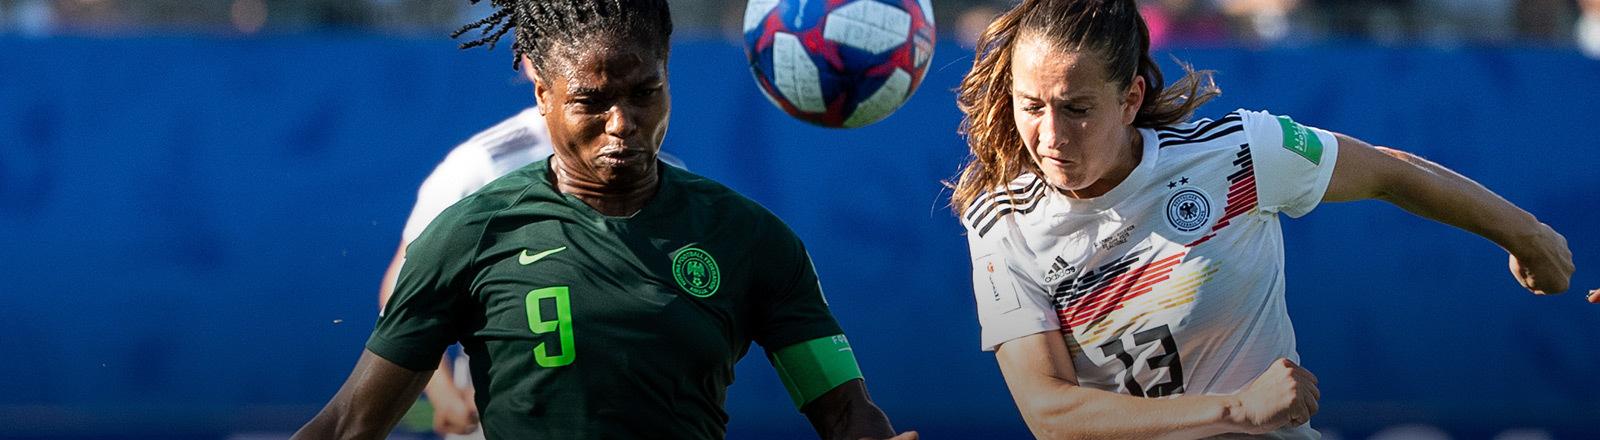 Fußballspiel Deutschland gegen Nigeria